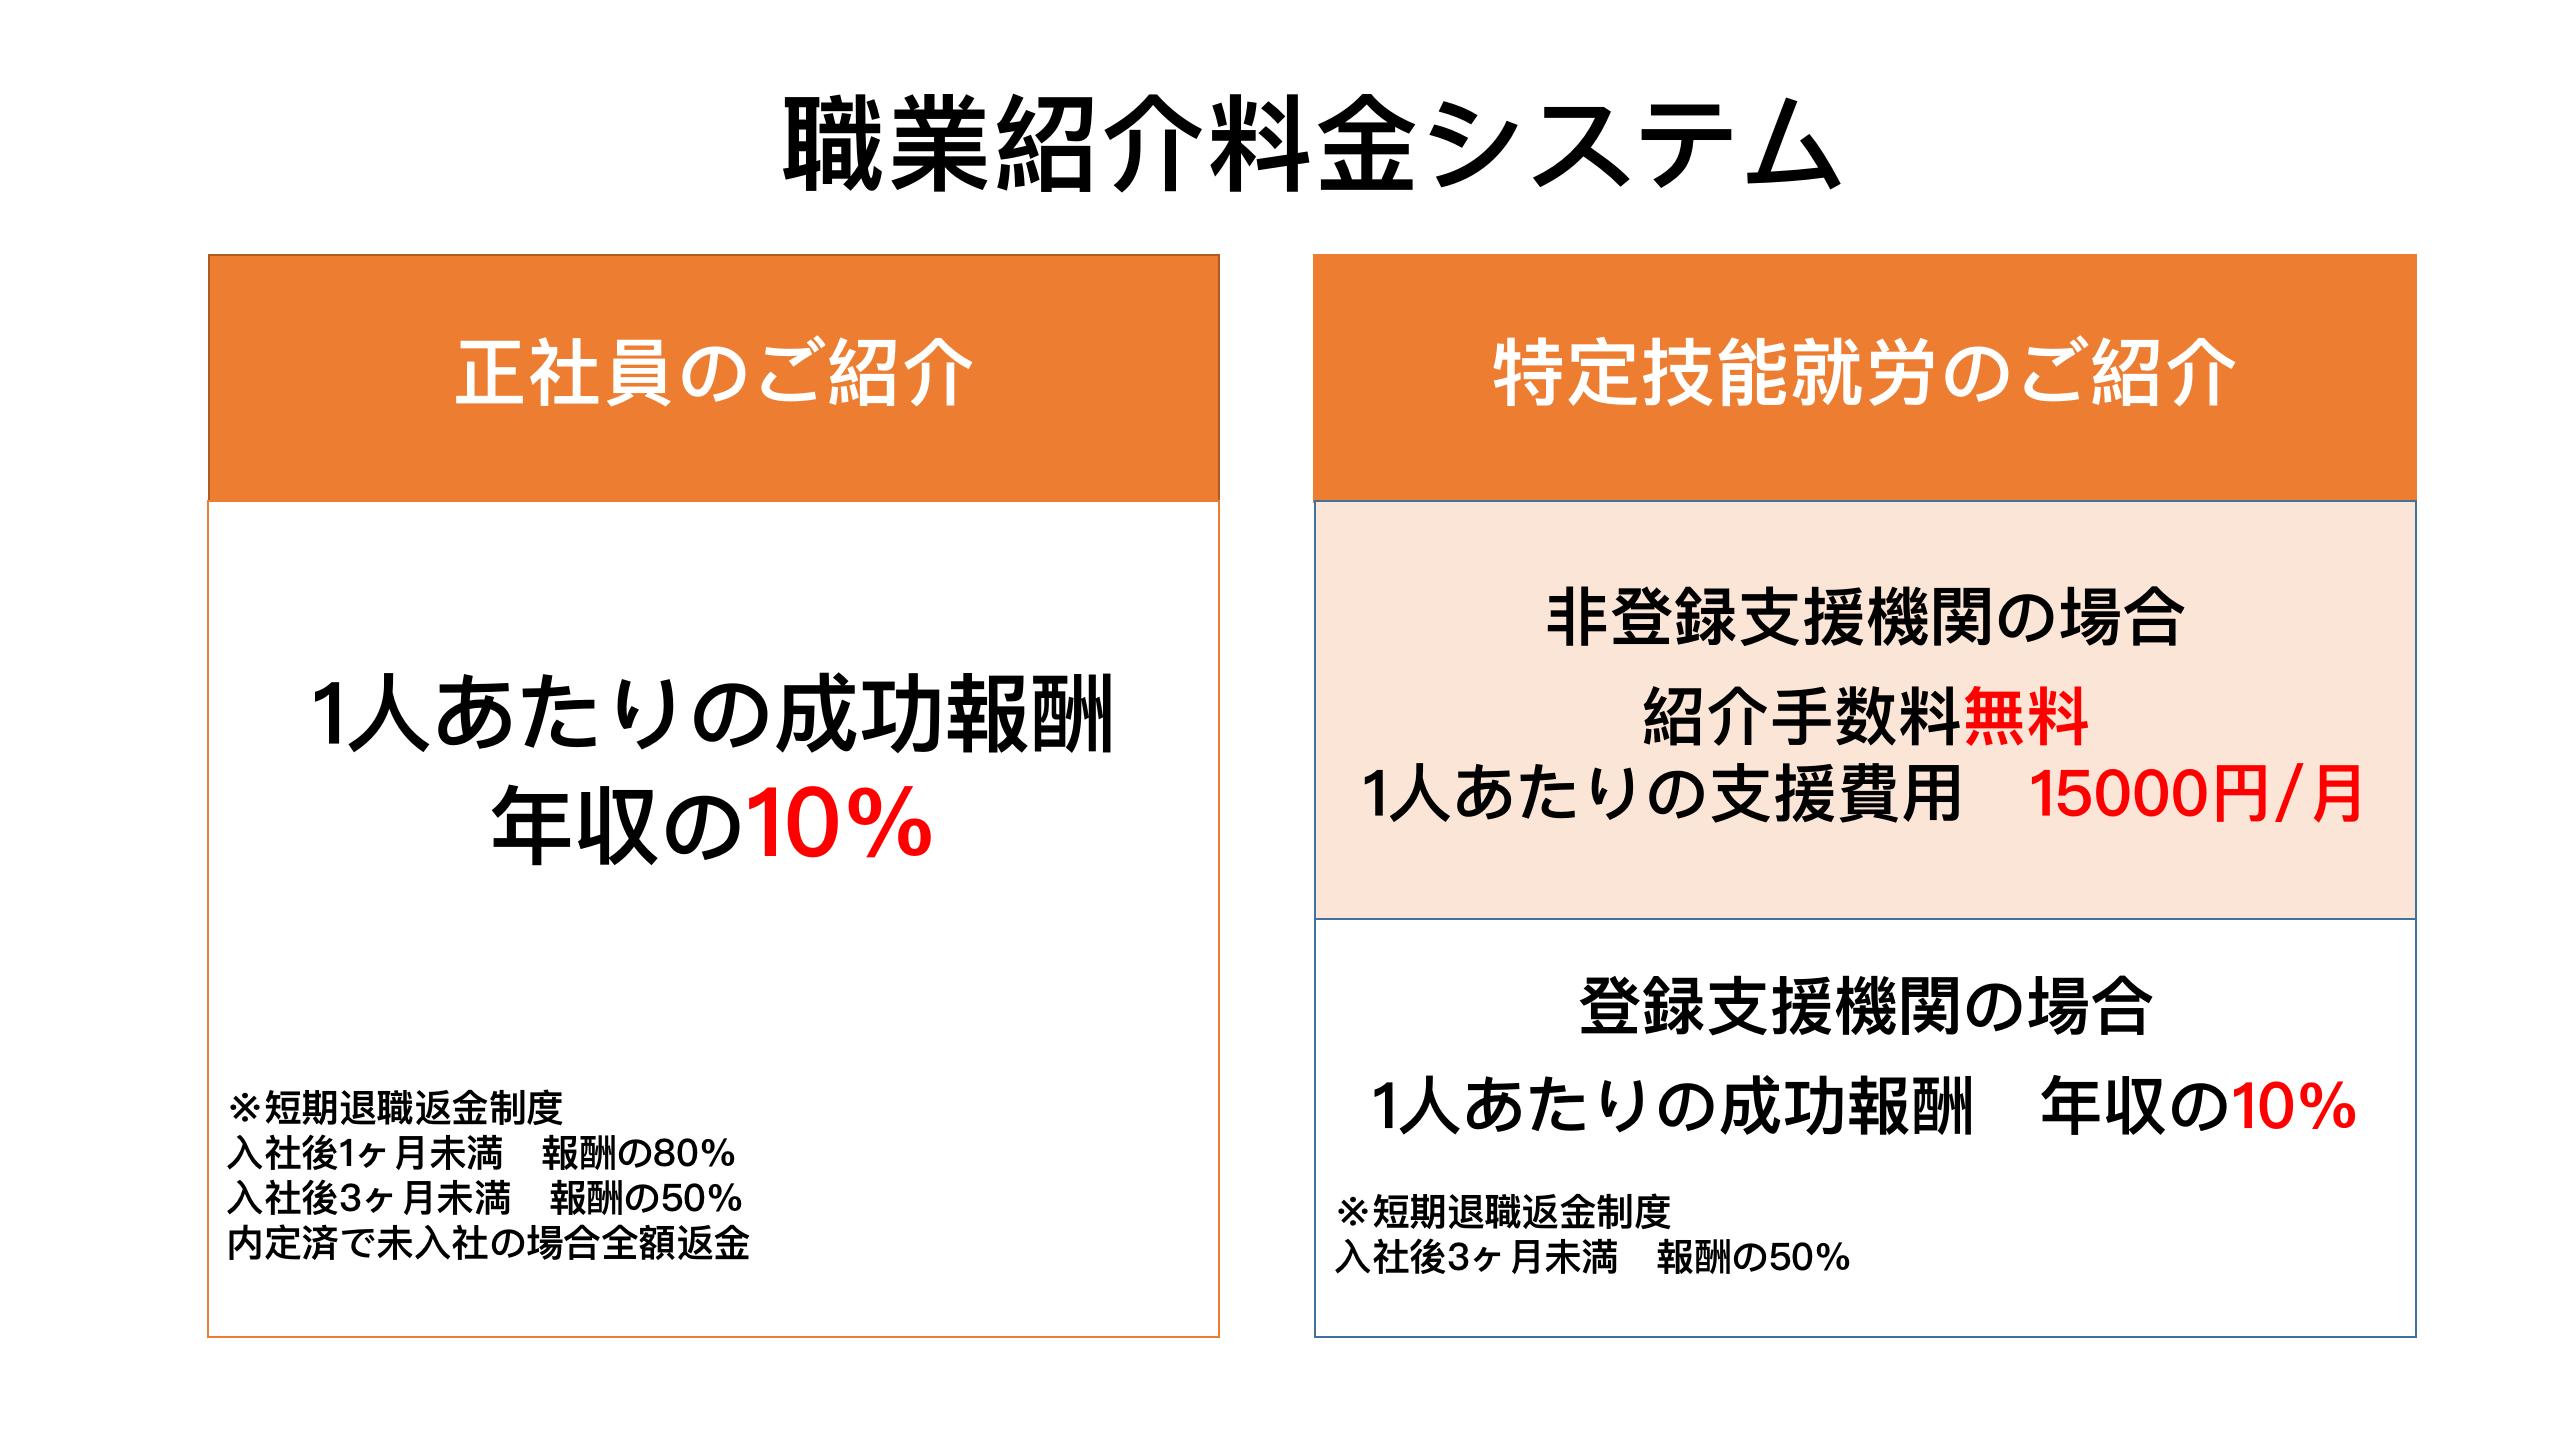 職業紹介料金システム.png